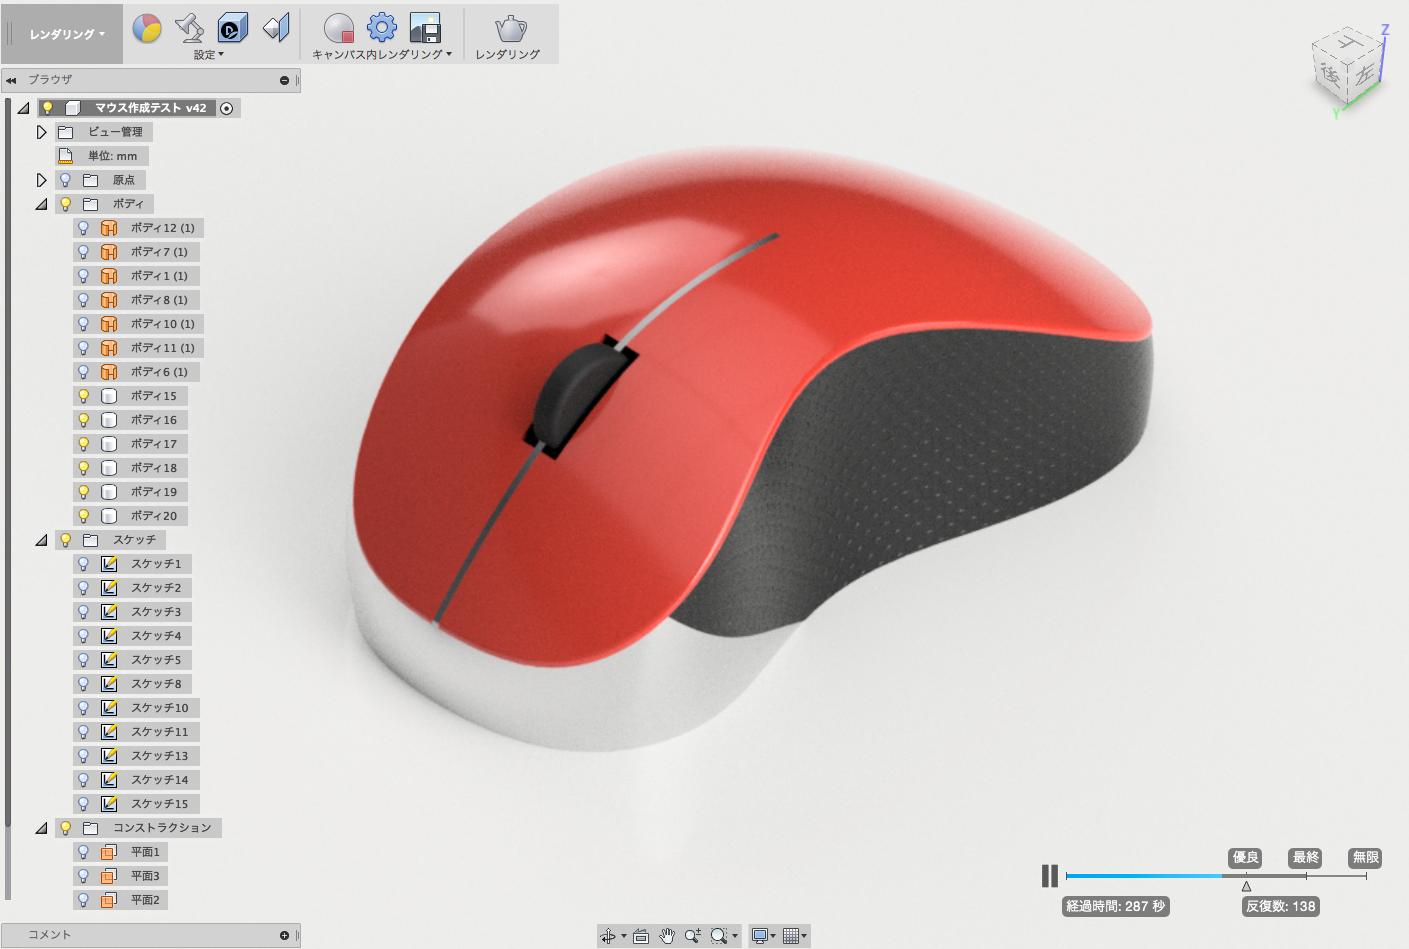 Fusion360を使って作ったマウス